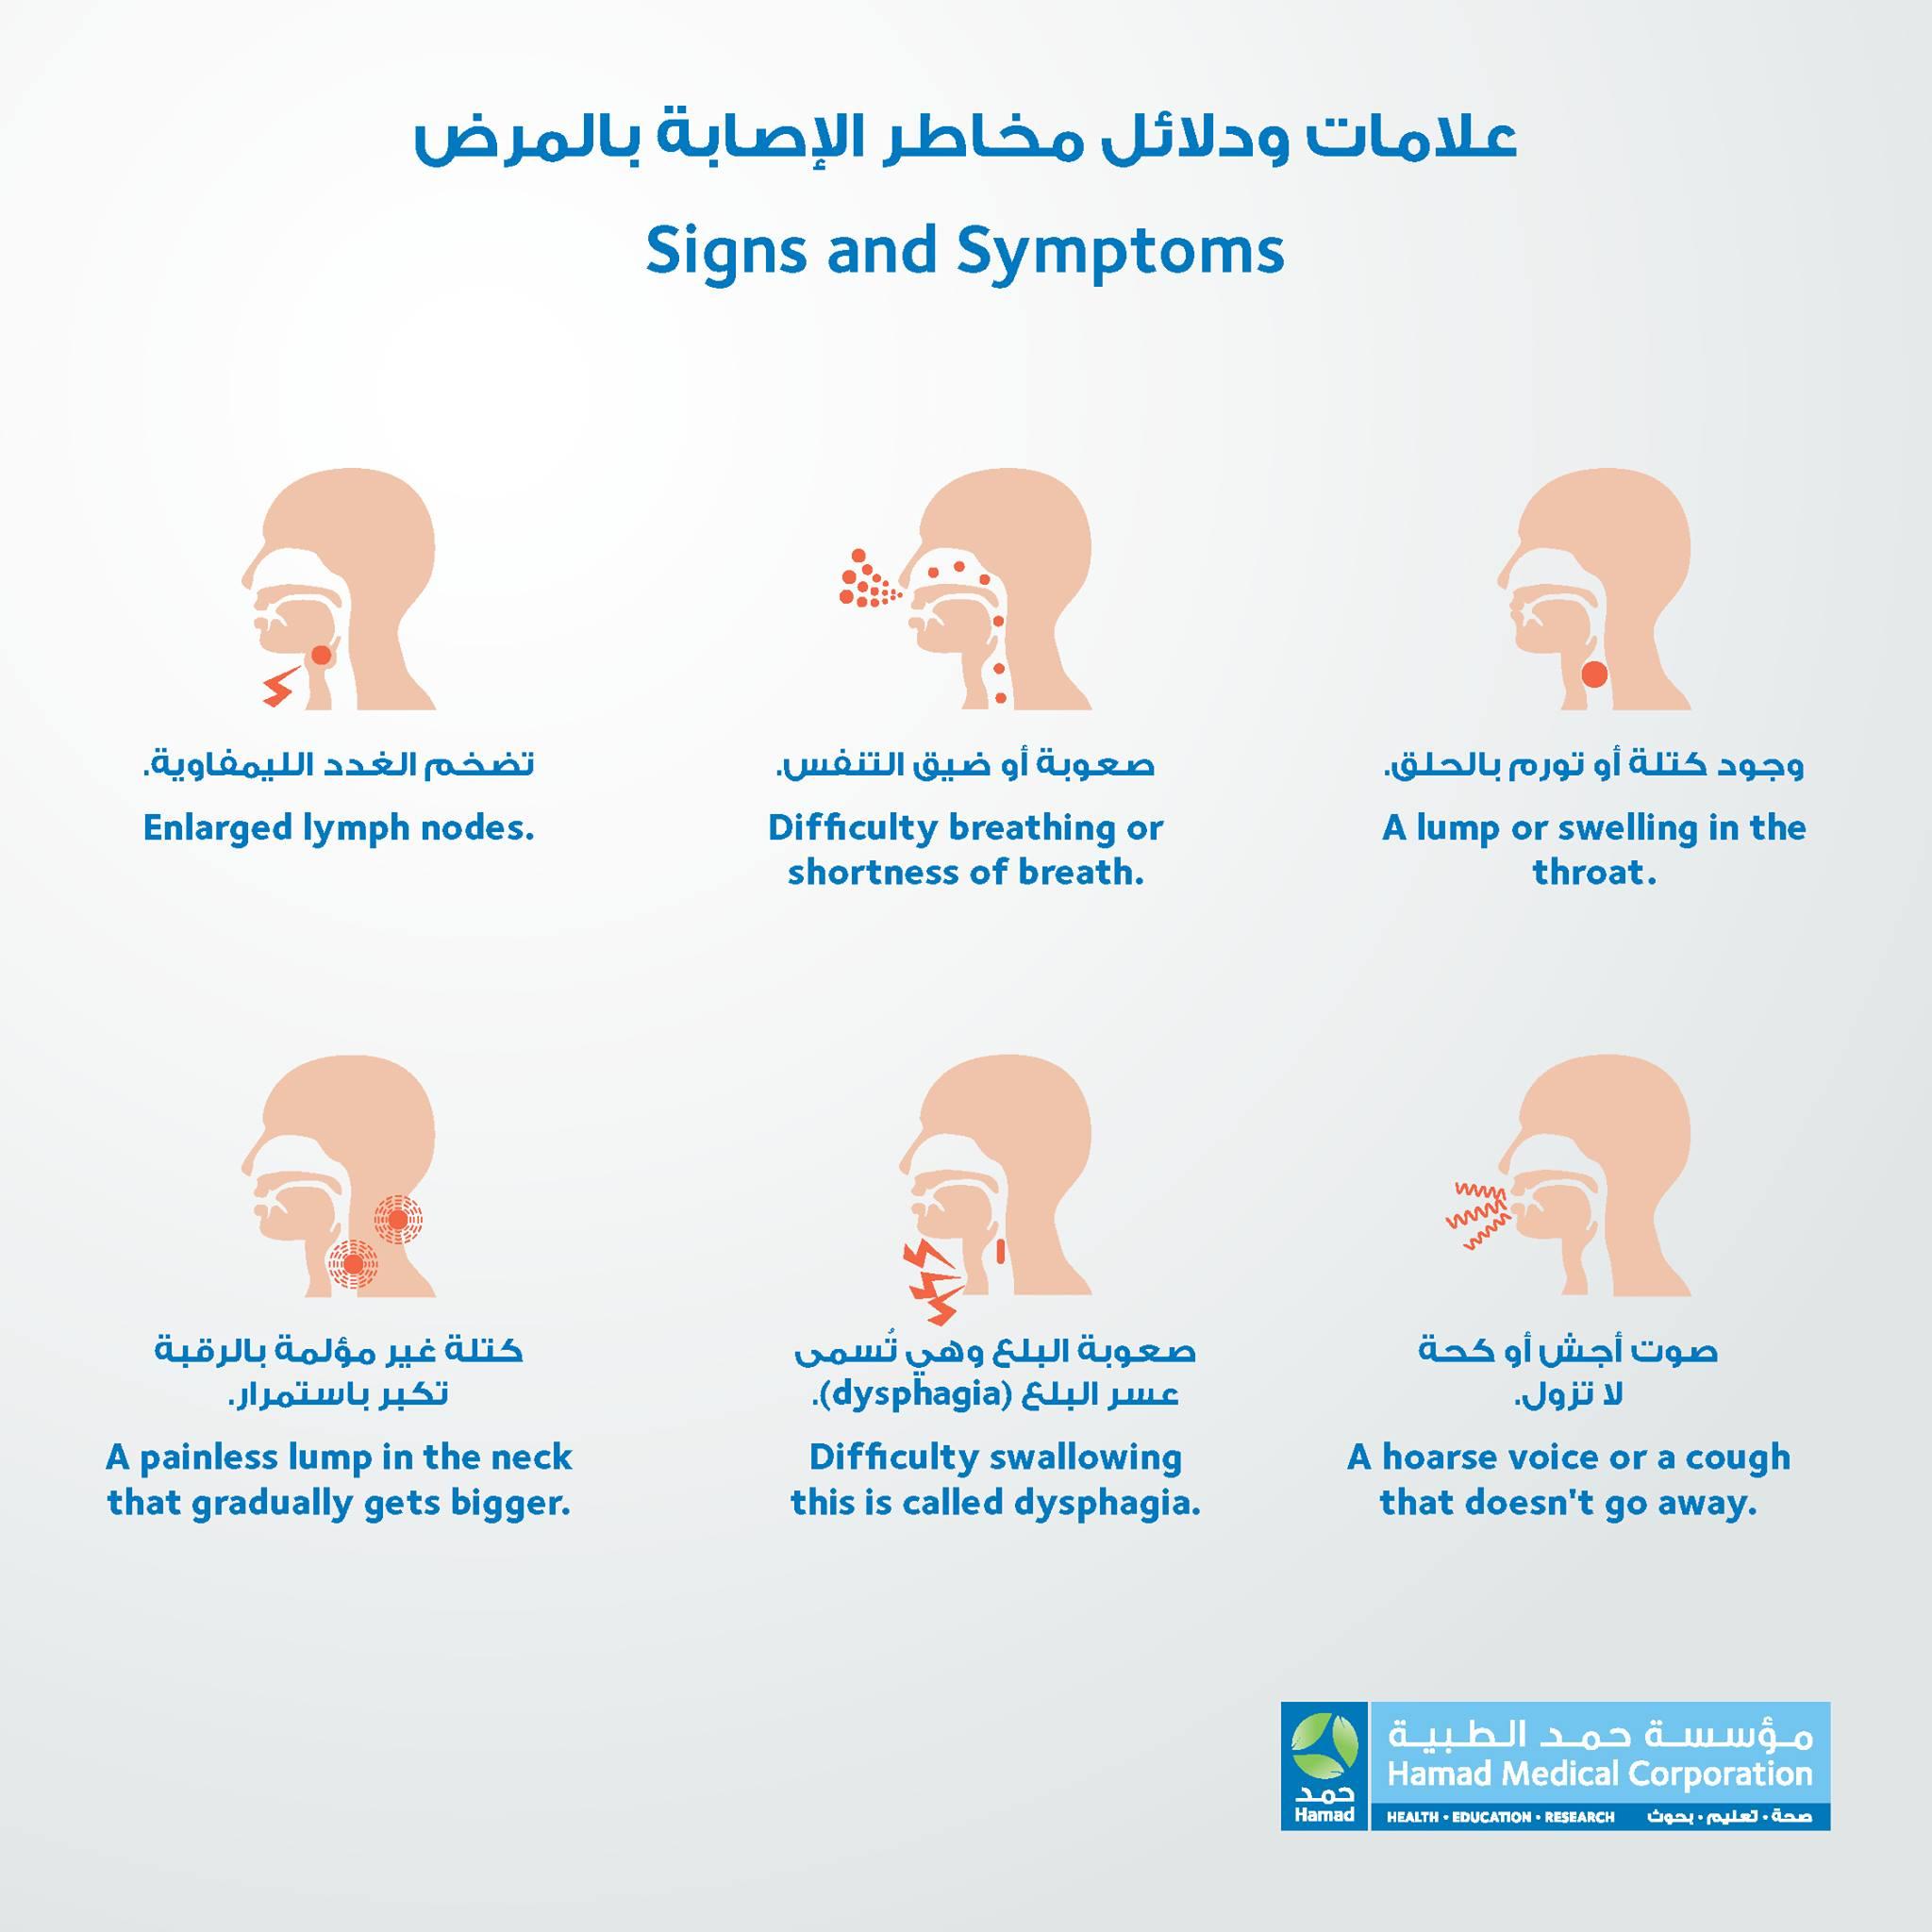 سرطان الغدة الدرقية الأسباب والأعراض والعلاج